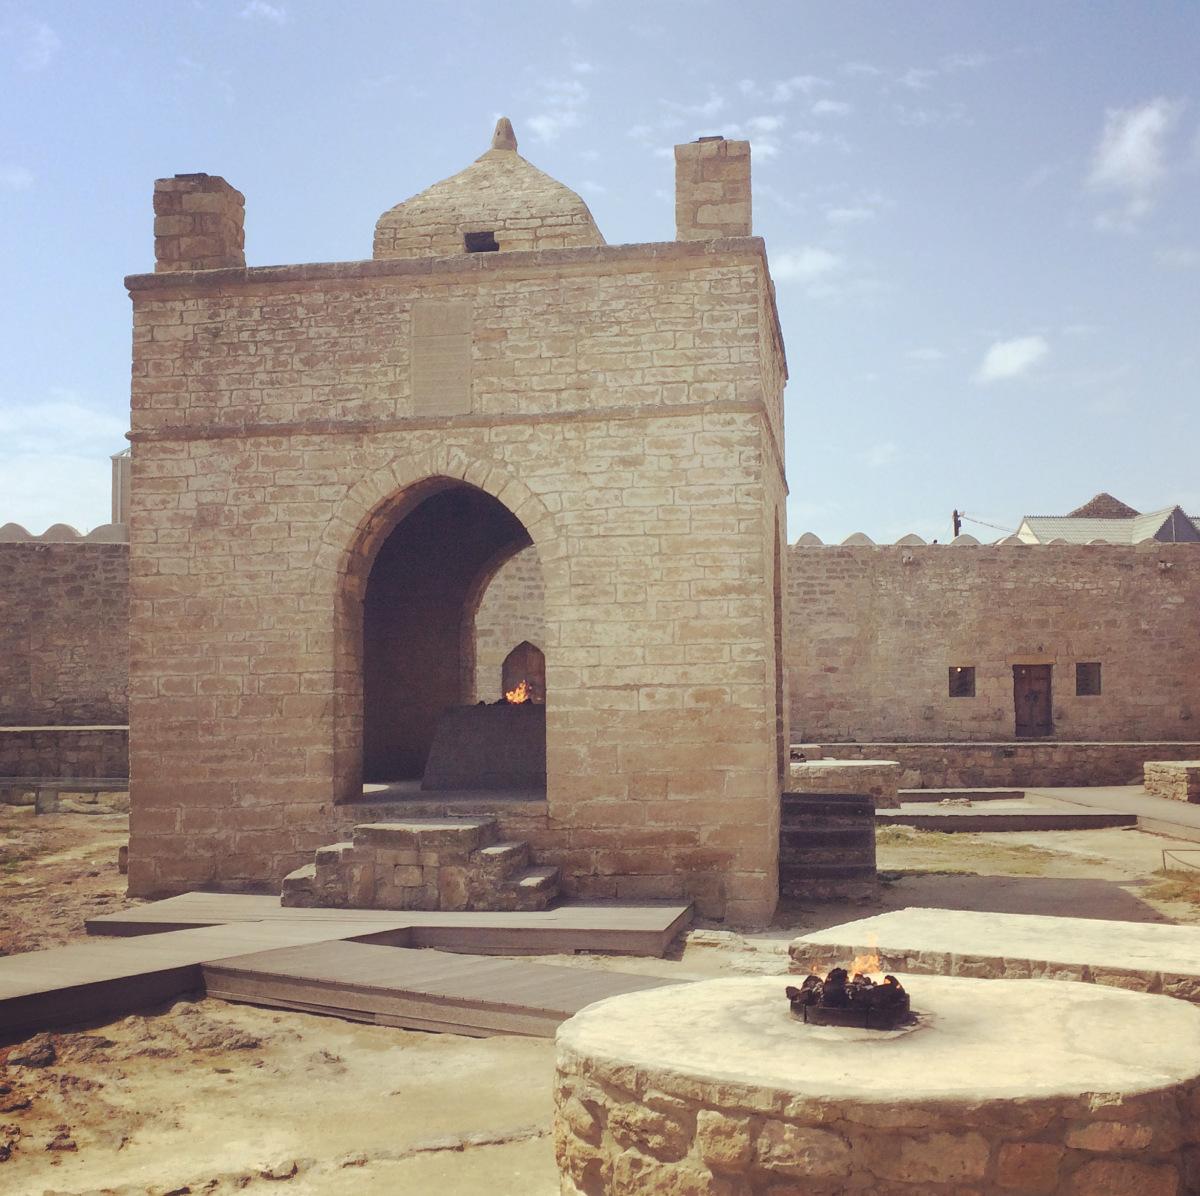 جوله معبد النار، جبل النار و متحف غالا